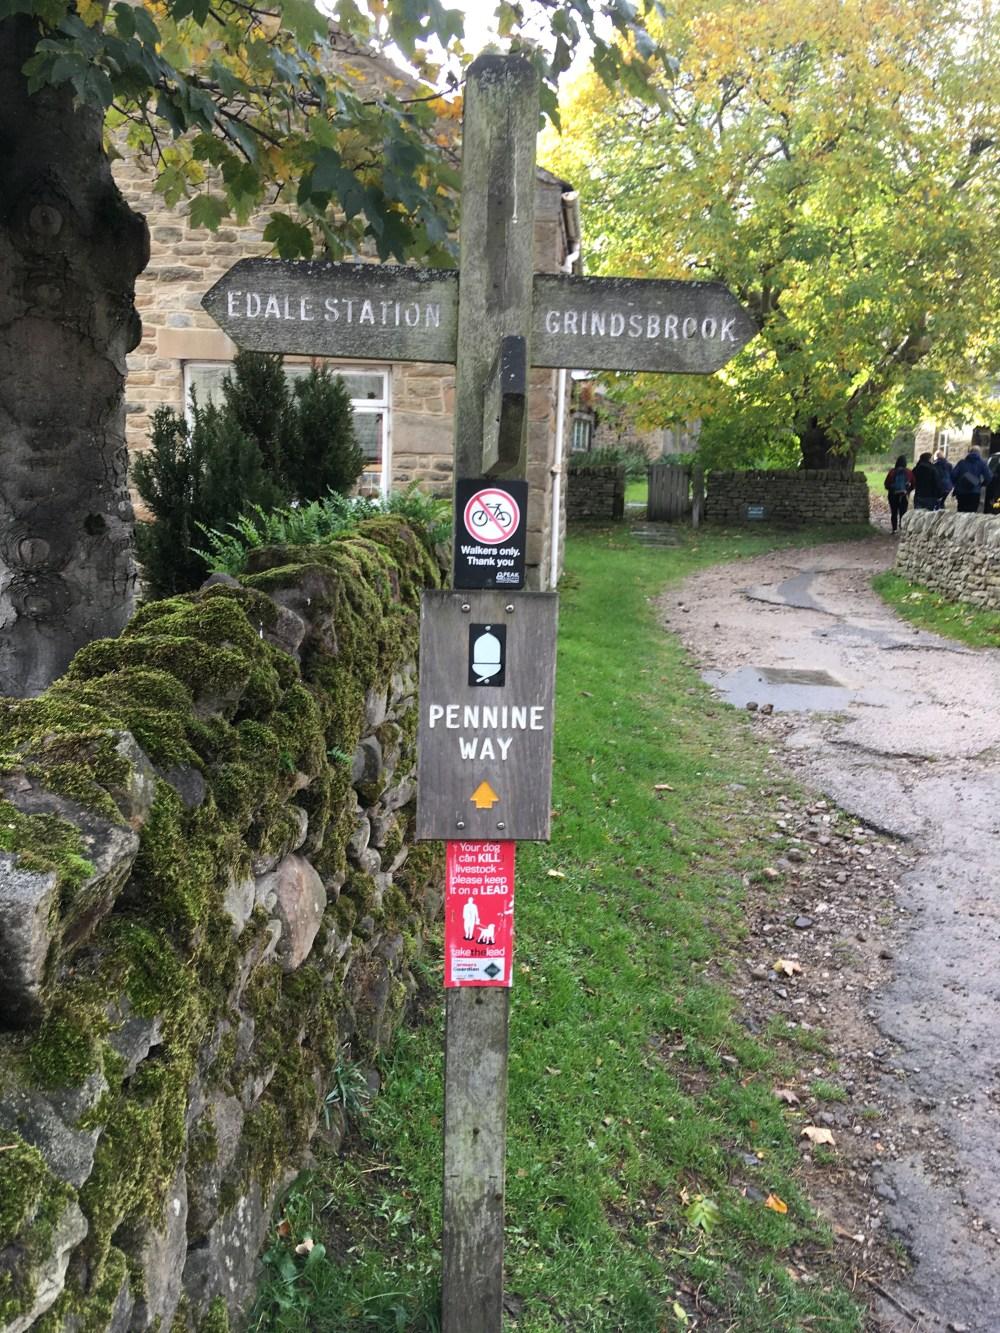 Pennine Way signpost Edale, LEJoG Day 39